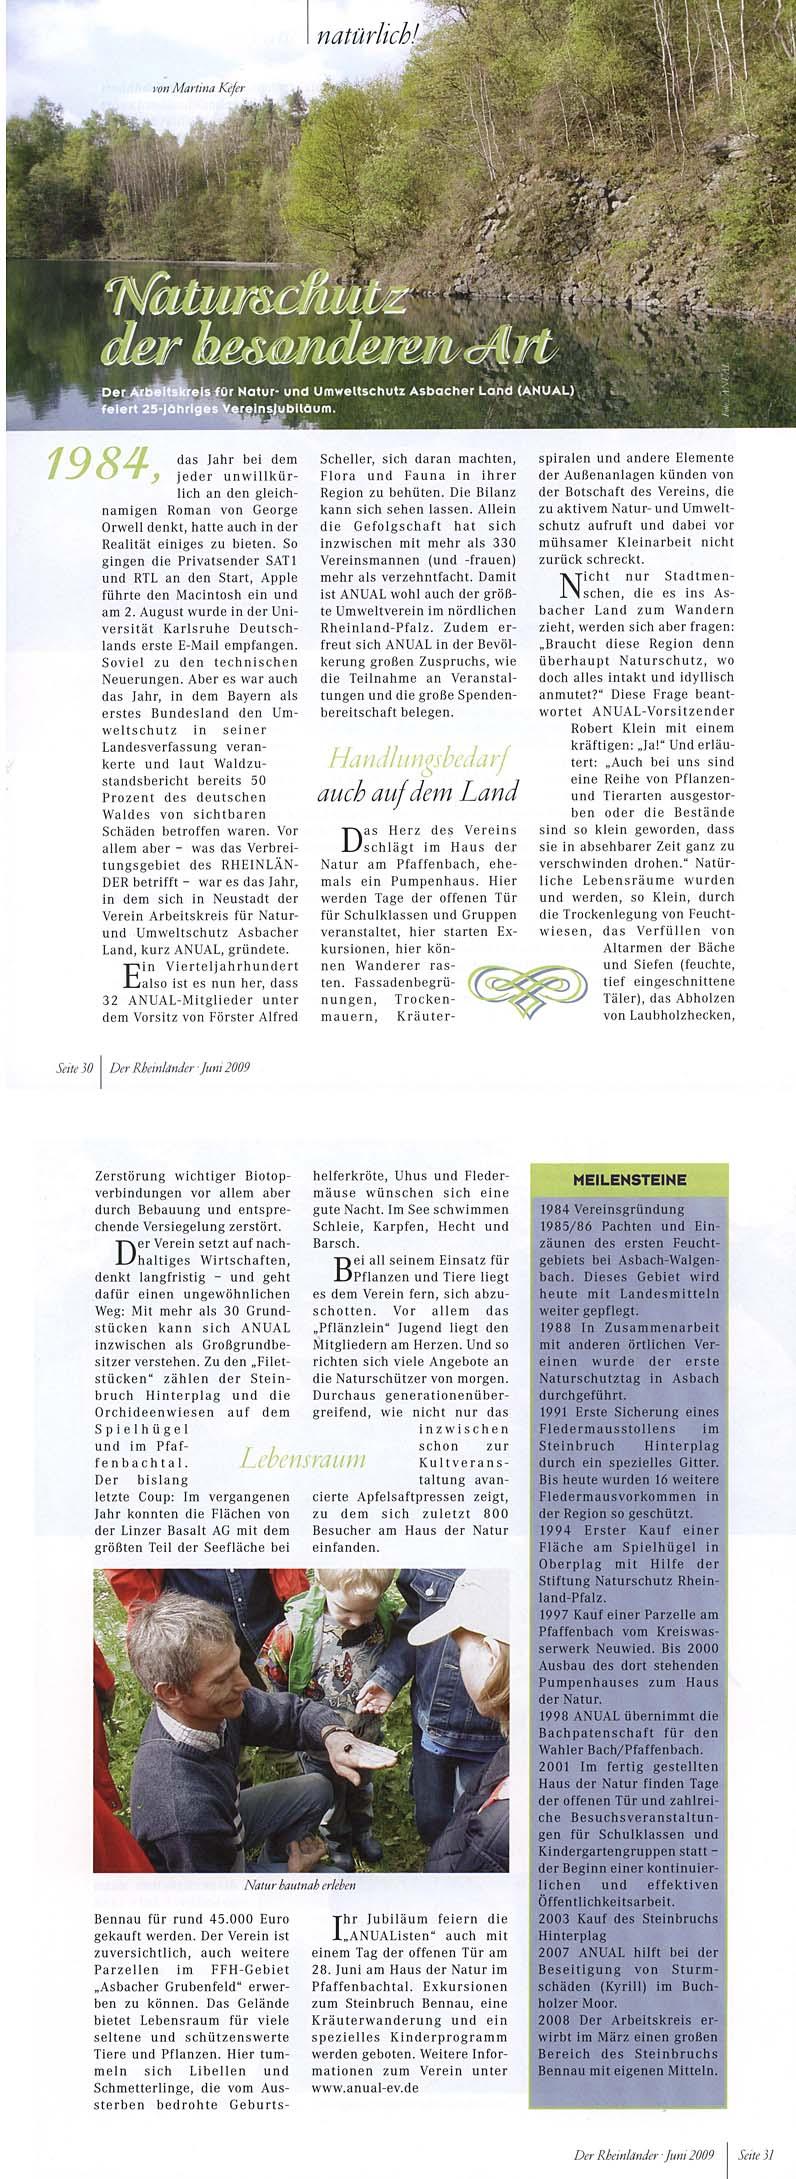 Der Rheinländer – Juni 2009